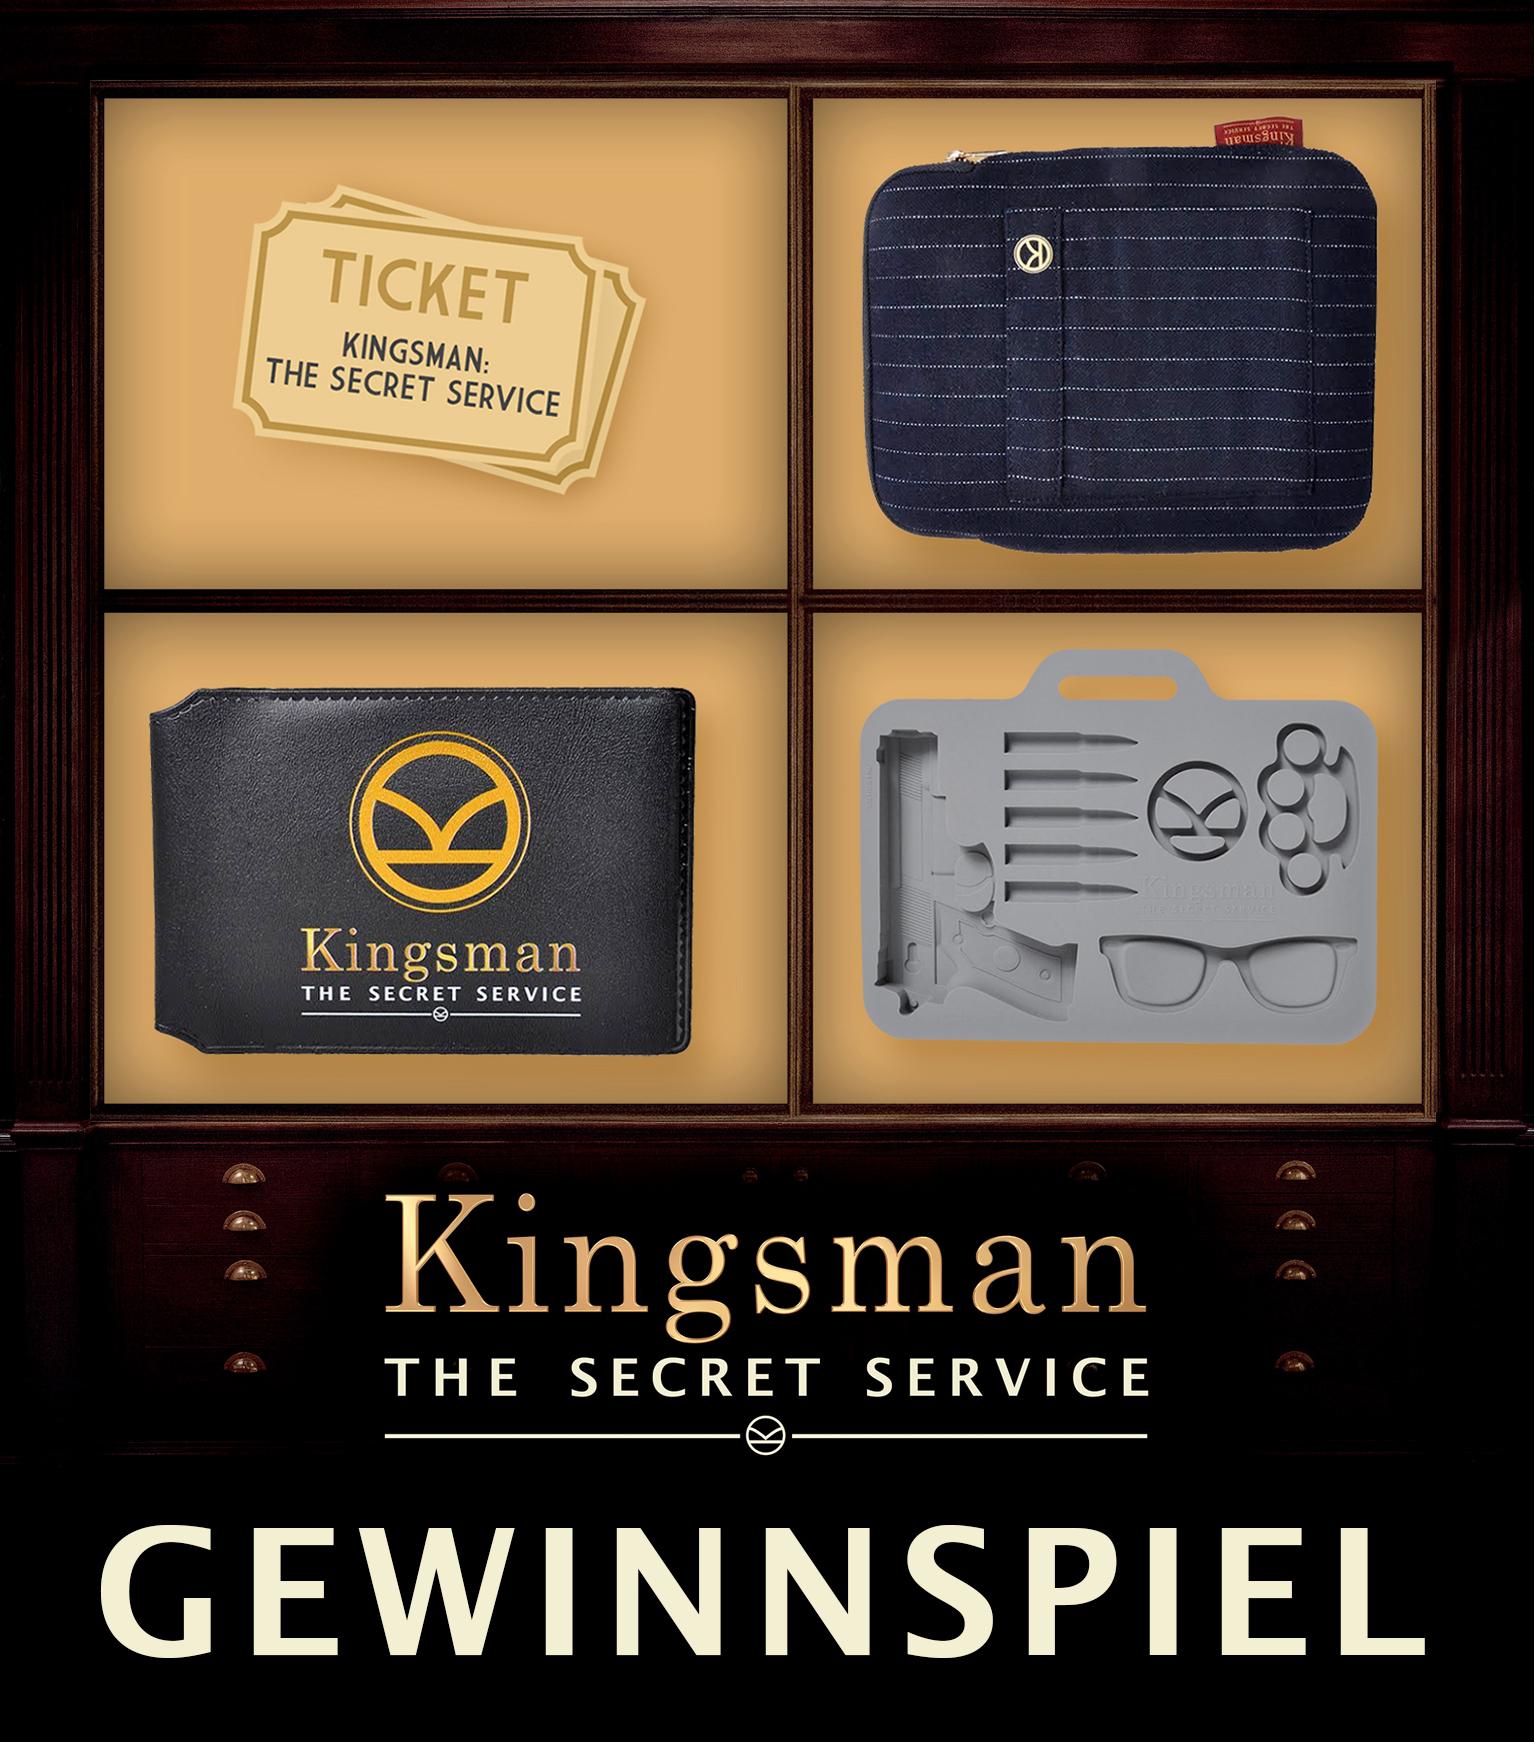 KingsmanGewinnspiel